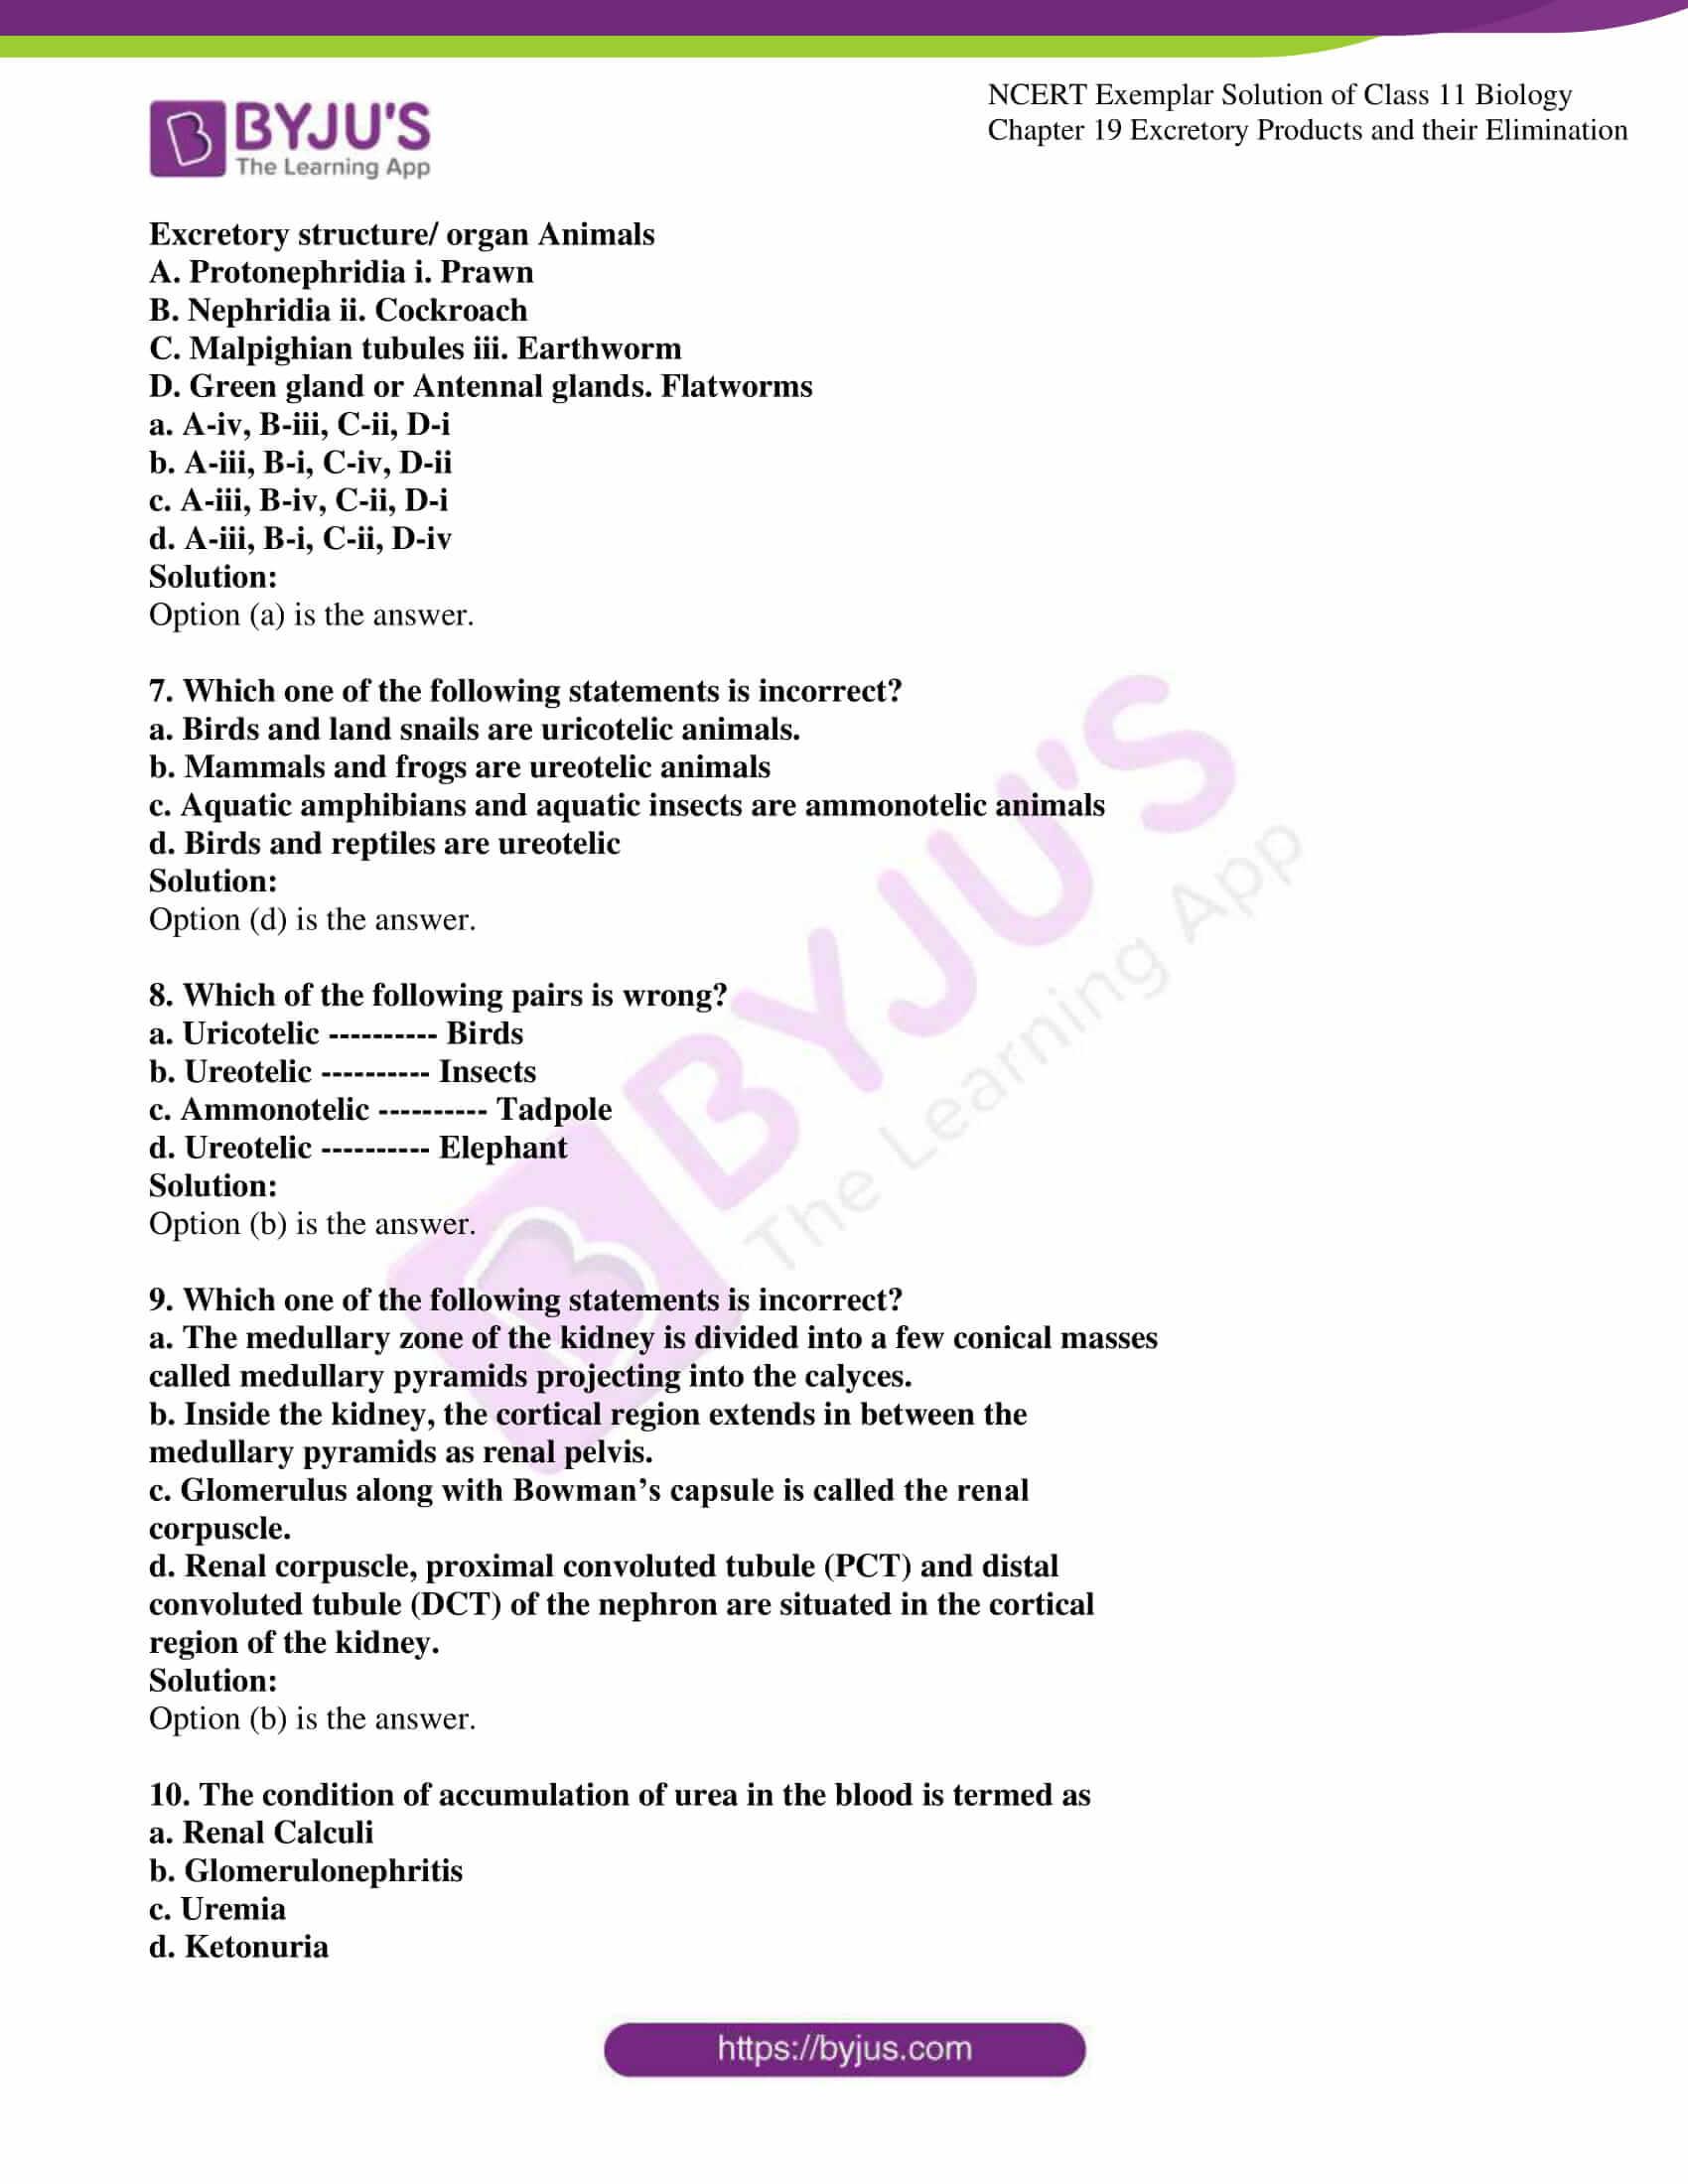 ncert exemplar solutions class 11 biology chapter 19 02